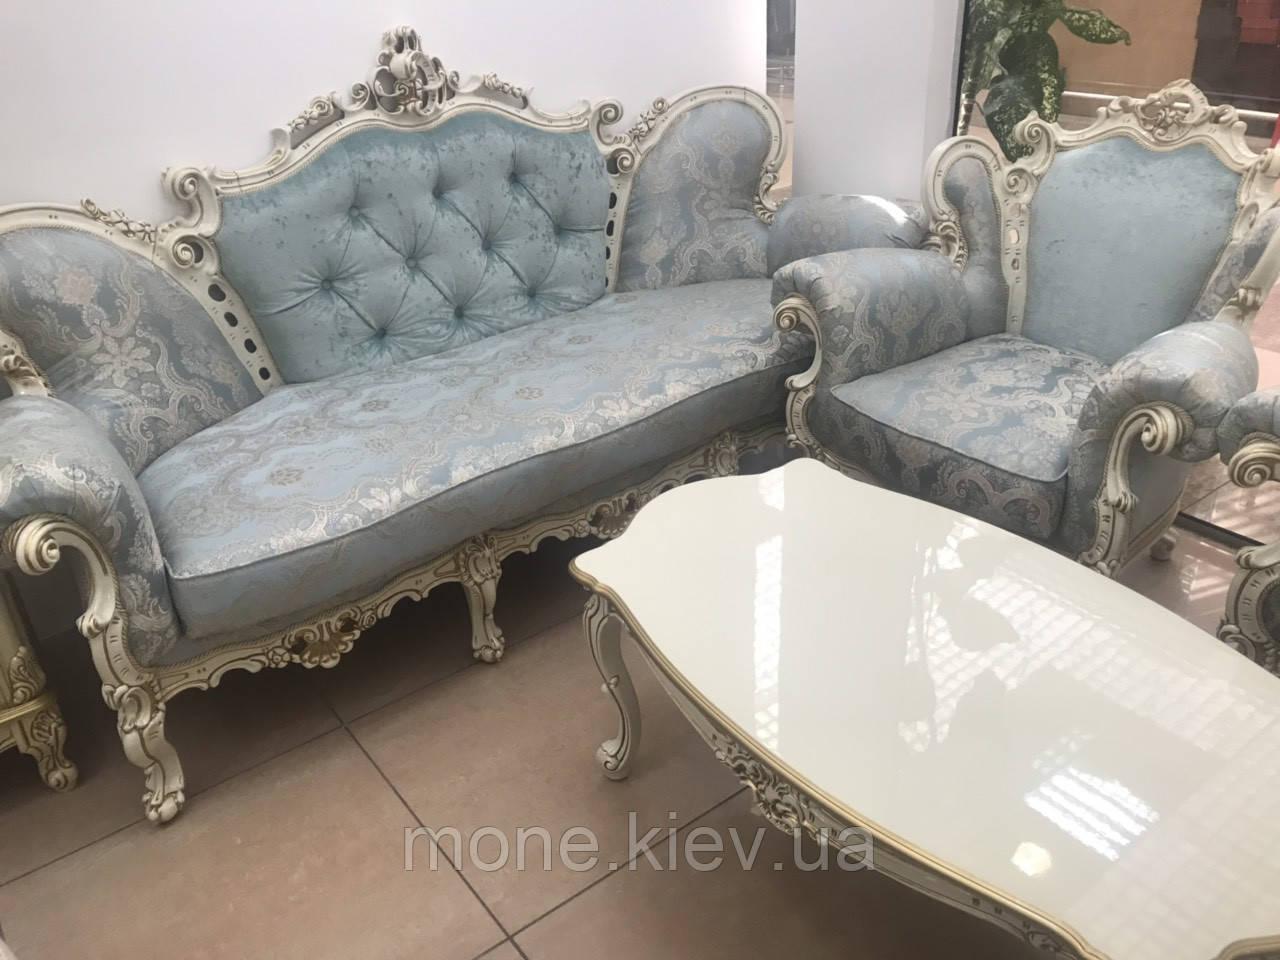 Комплект мягкой мебели в стиле барокко Белла  Rio Big, диван и два кресла 3+1+1 (В НАЛИЧИИ)